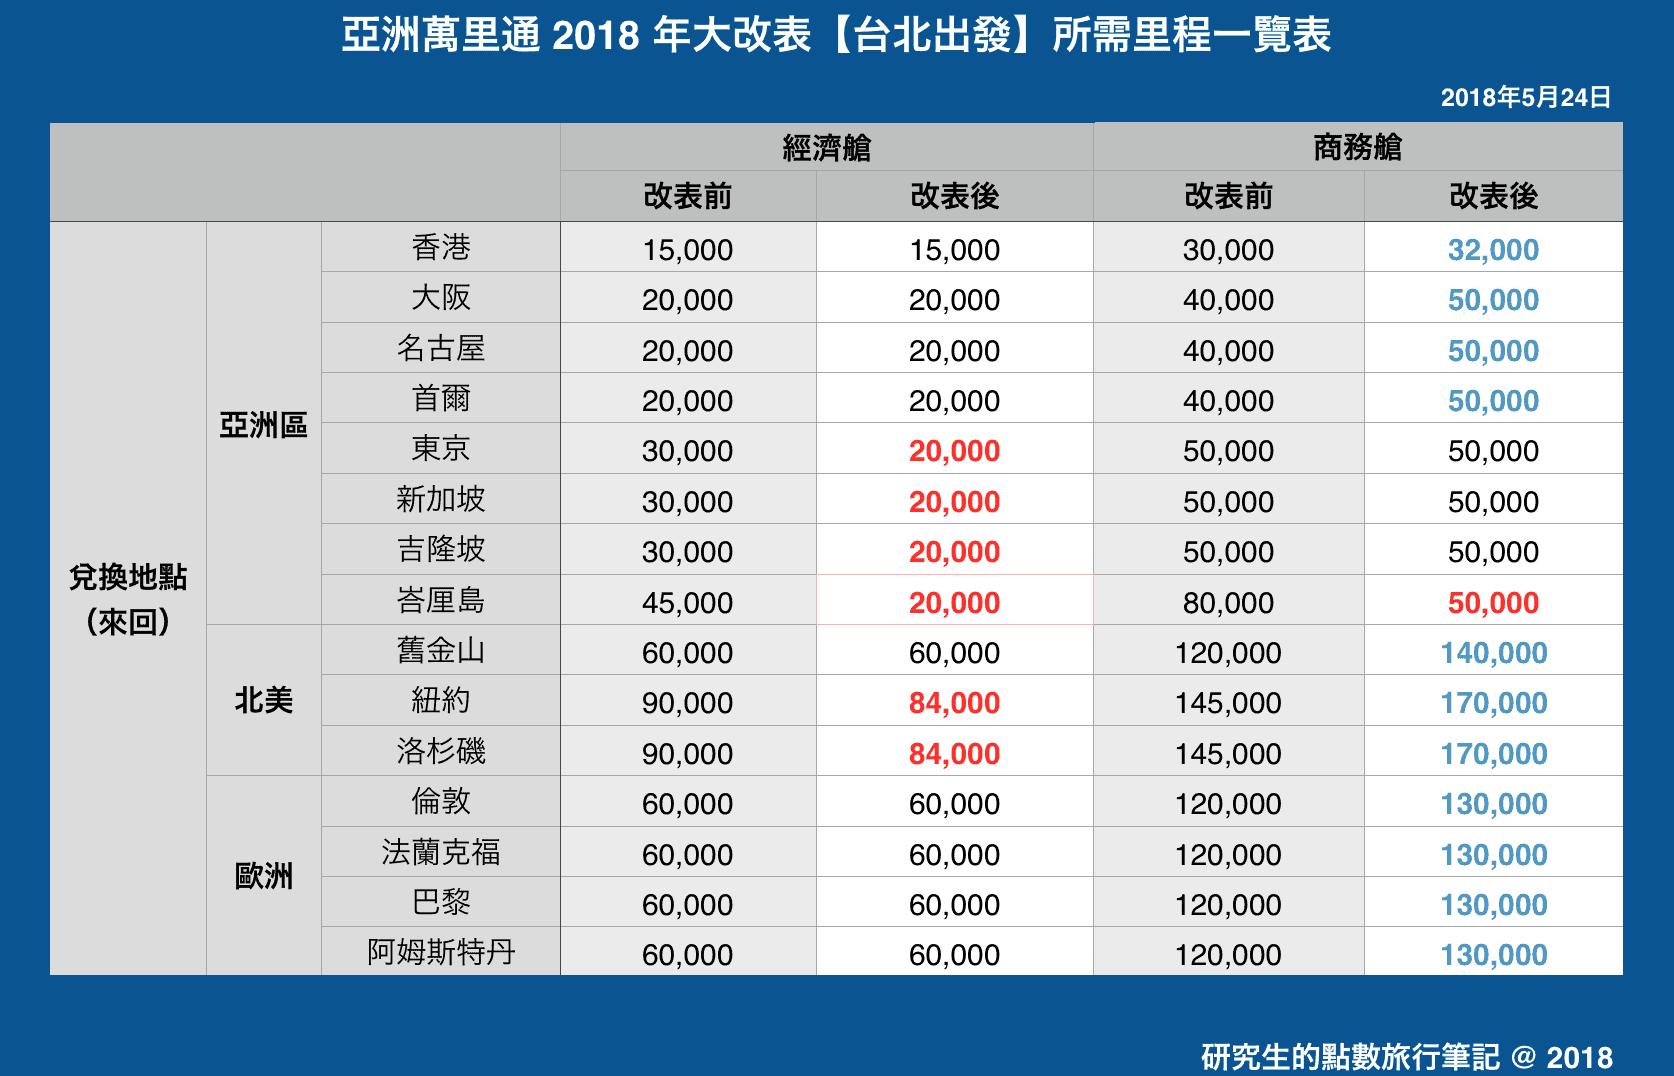 亞洲萬里通 2018 年大改表【台北出發】所需里程一覽